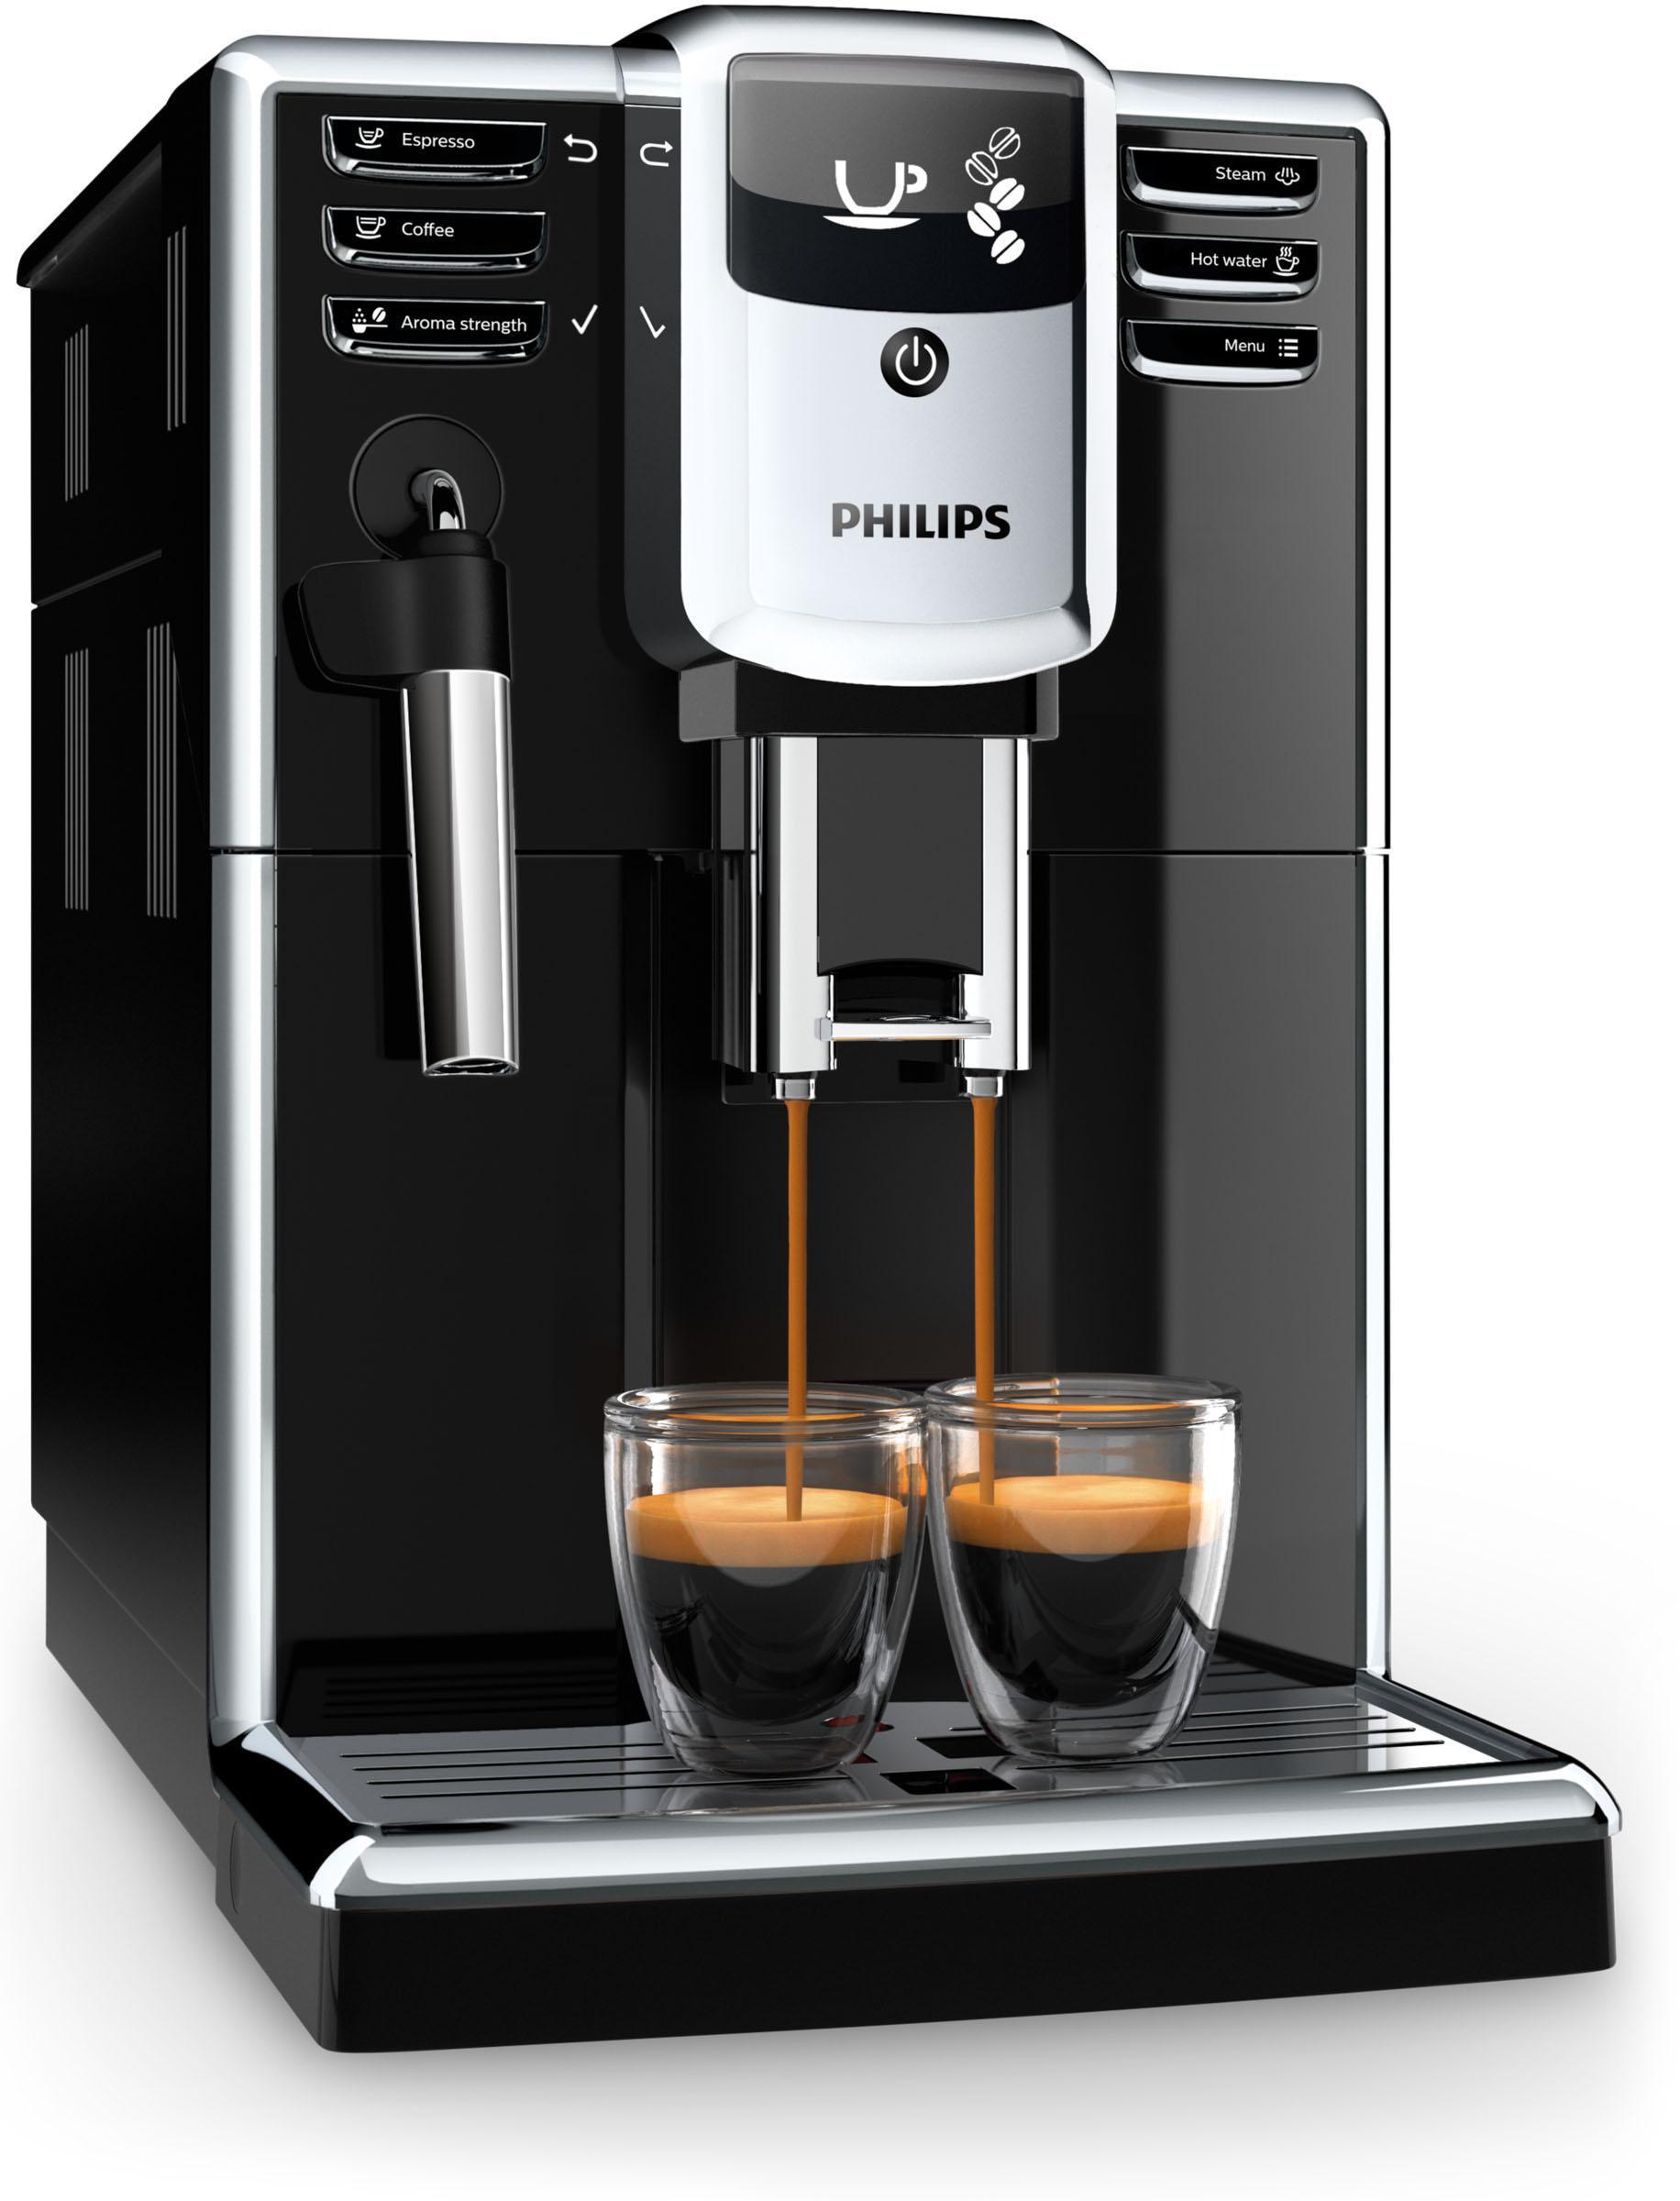 kaffeevollautomaten auf rechnung bestellen. Black Bedroom Furniture Sets. Home Design Ideas